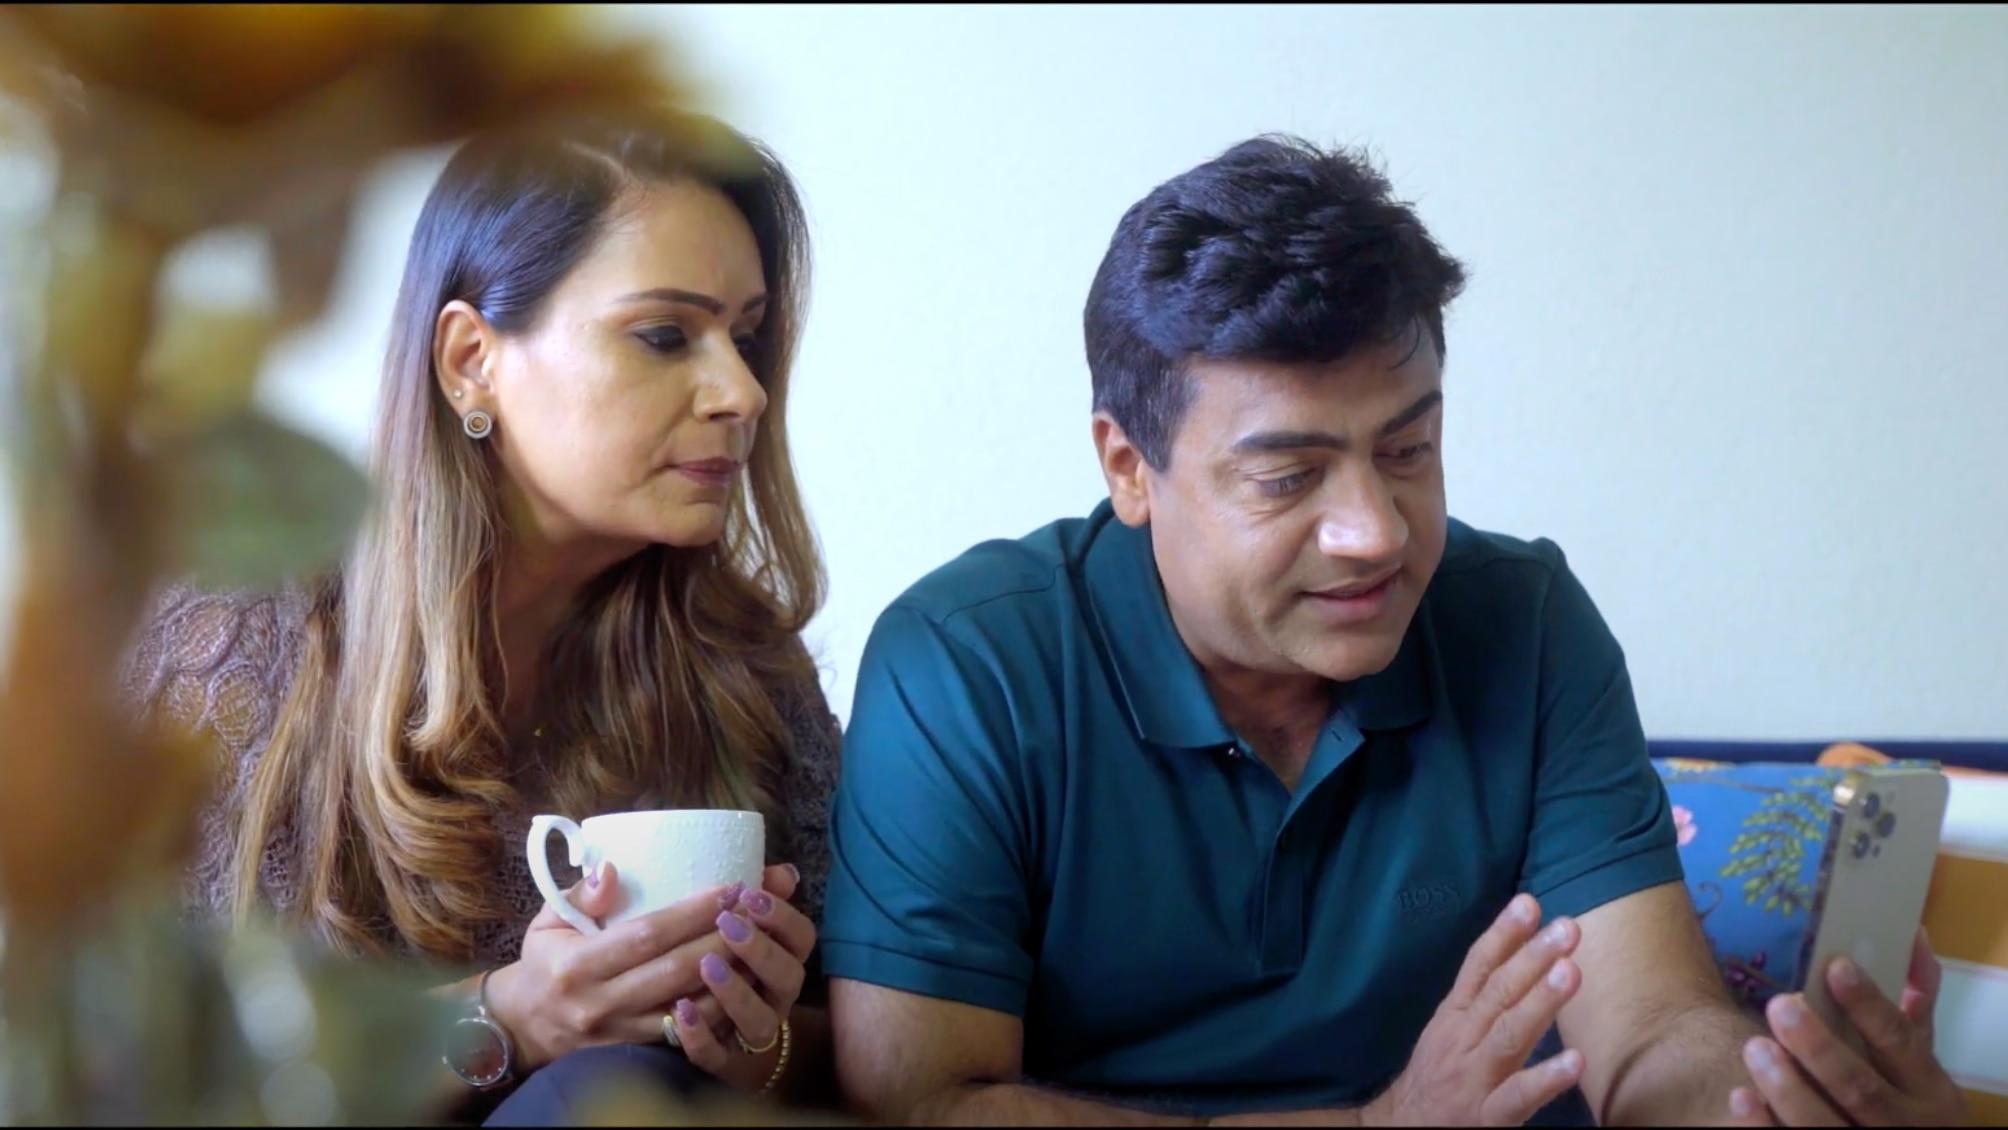 Manpreet Walia and Gurmeet Sran in the short film 'Saath Saath'